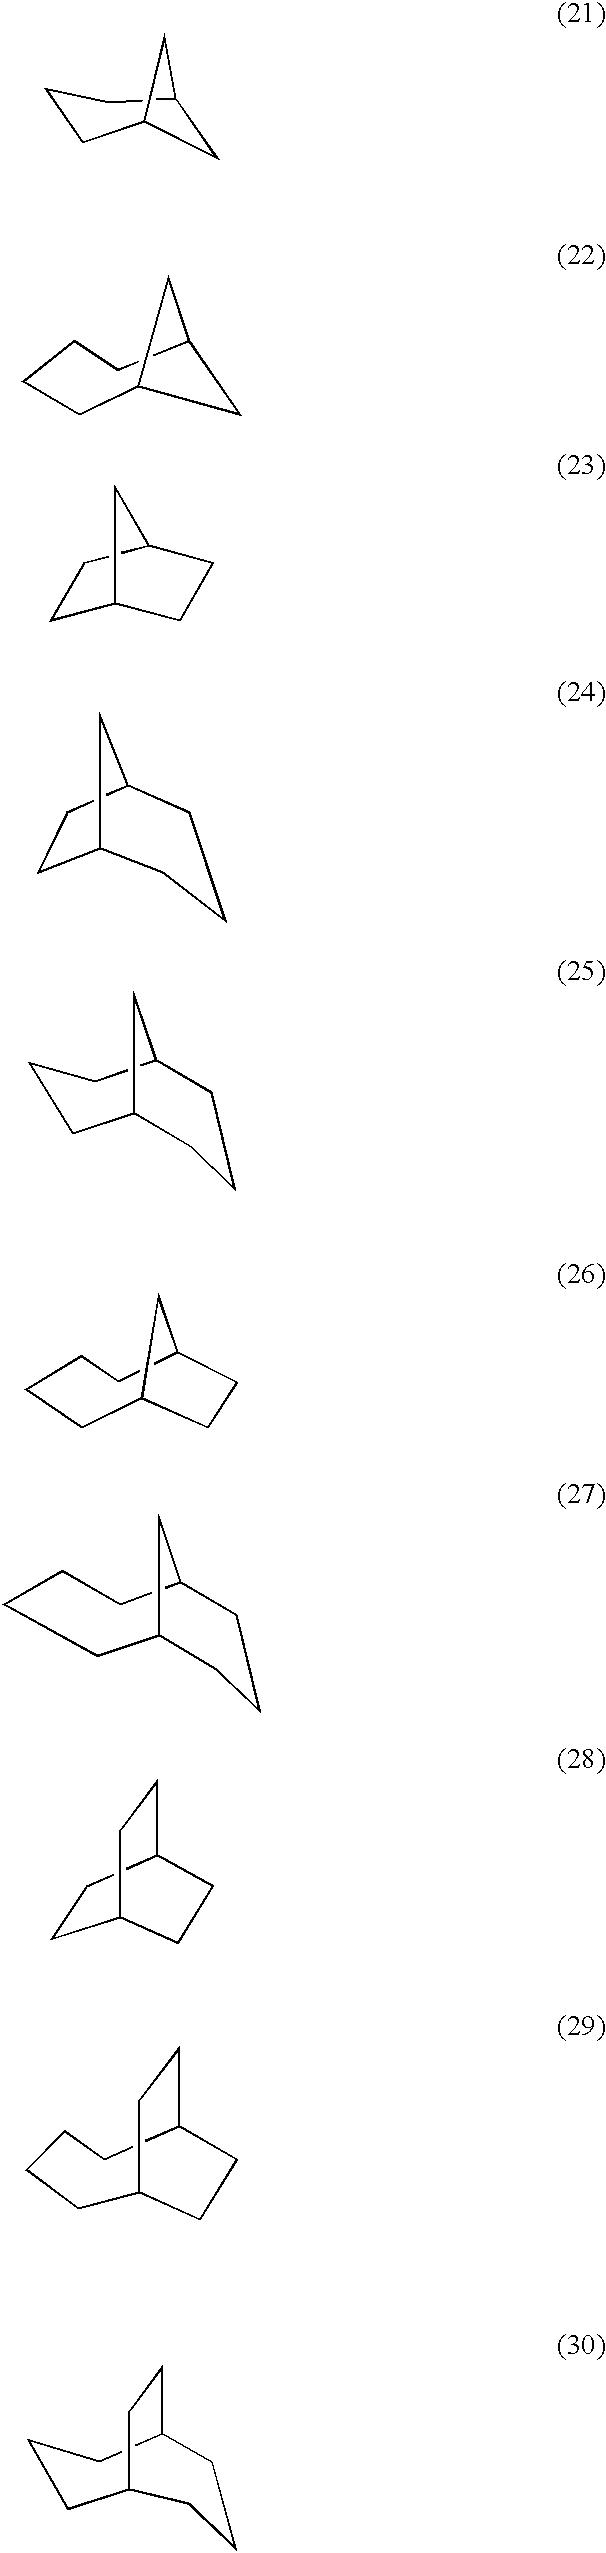 Figure US20030186161A1-20031002-C00042